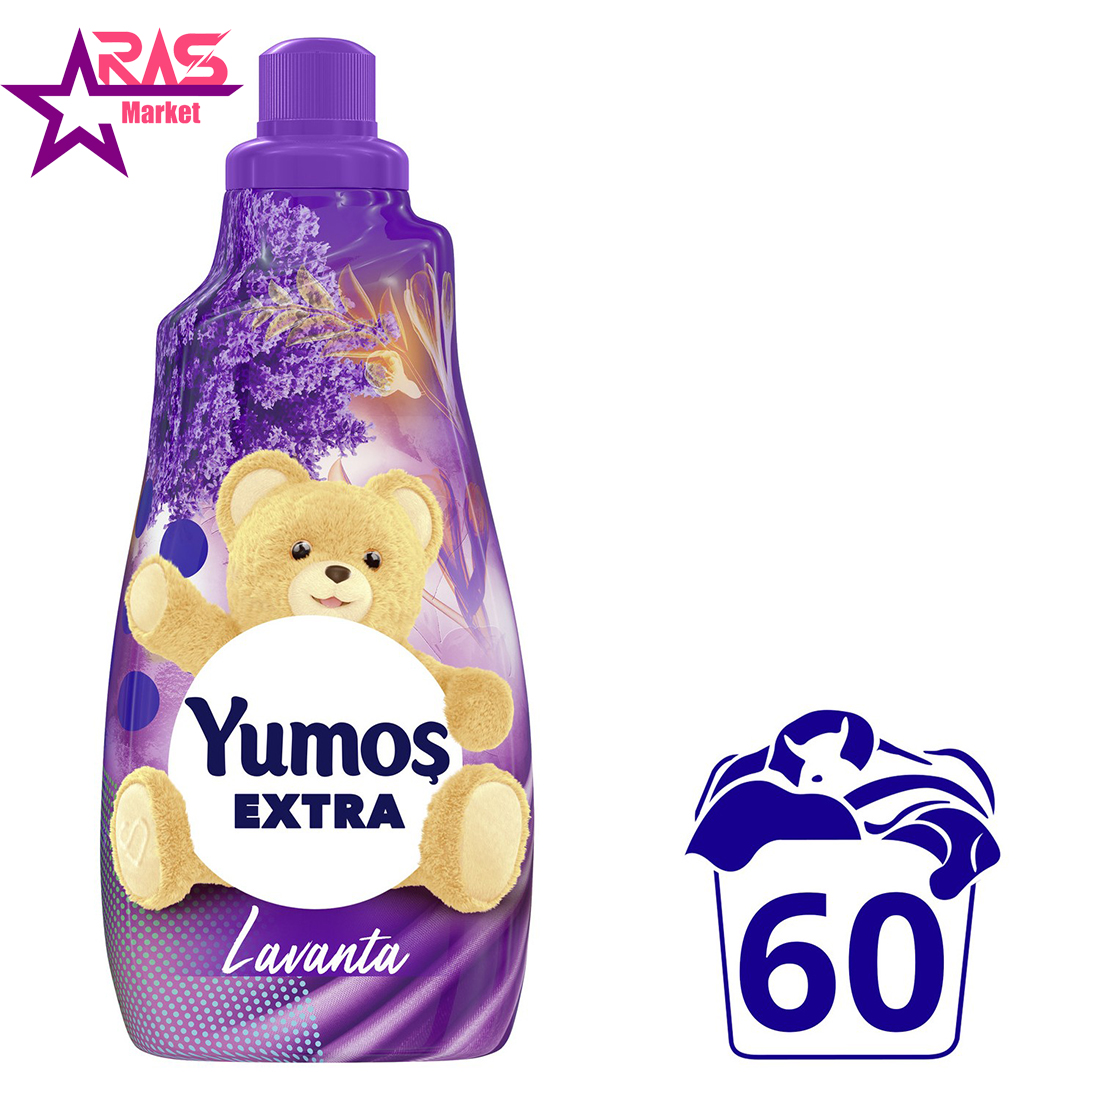 مایع نرم کننده لباس یوموش با رایحه گل اسطوخودوس 1440 میلی لیتر ، فروشگاه اینترنتی ارس مارکت